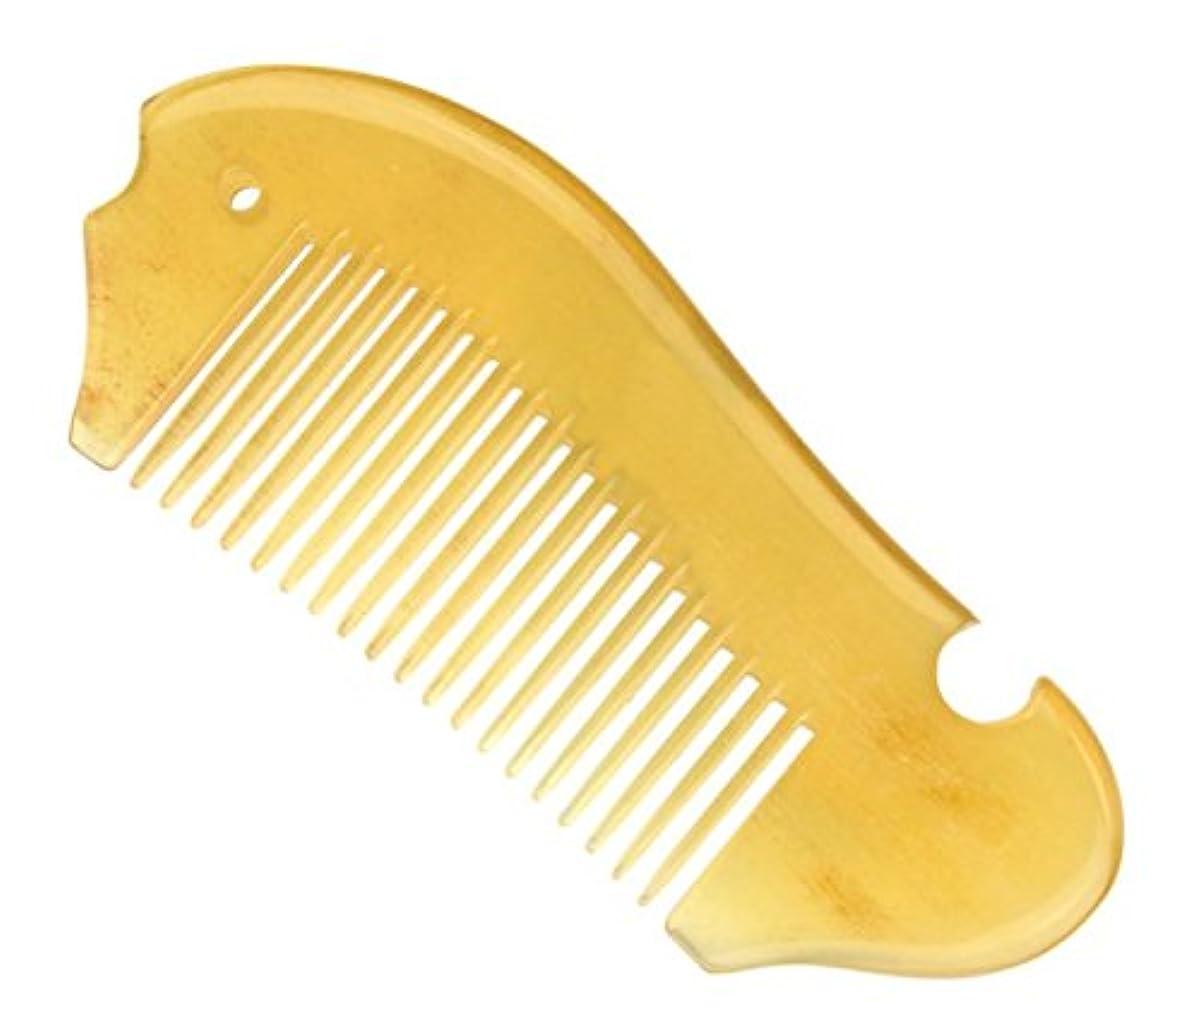 爆弾アレルギー性アルカイック櫛型 プロも使う羊角かっさプレート マサージ用 血行改善 高級 天然 静電気防止 美髪 美顔 ボディ リンパマッサージ